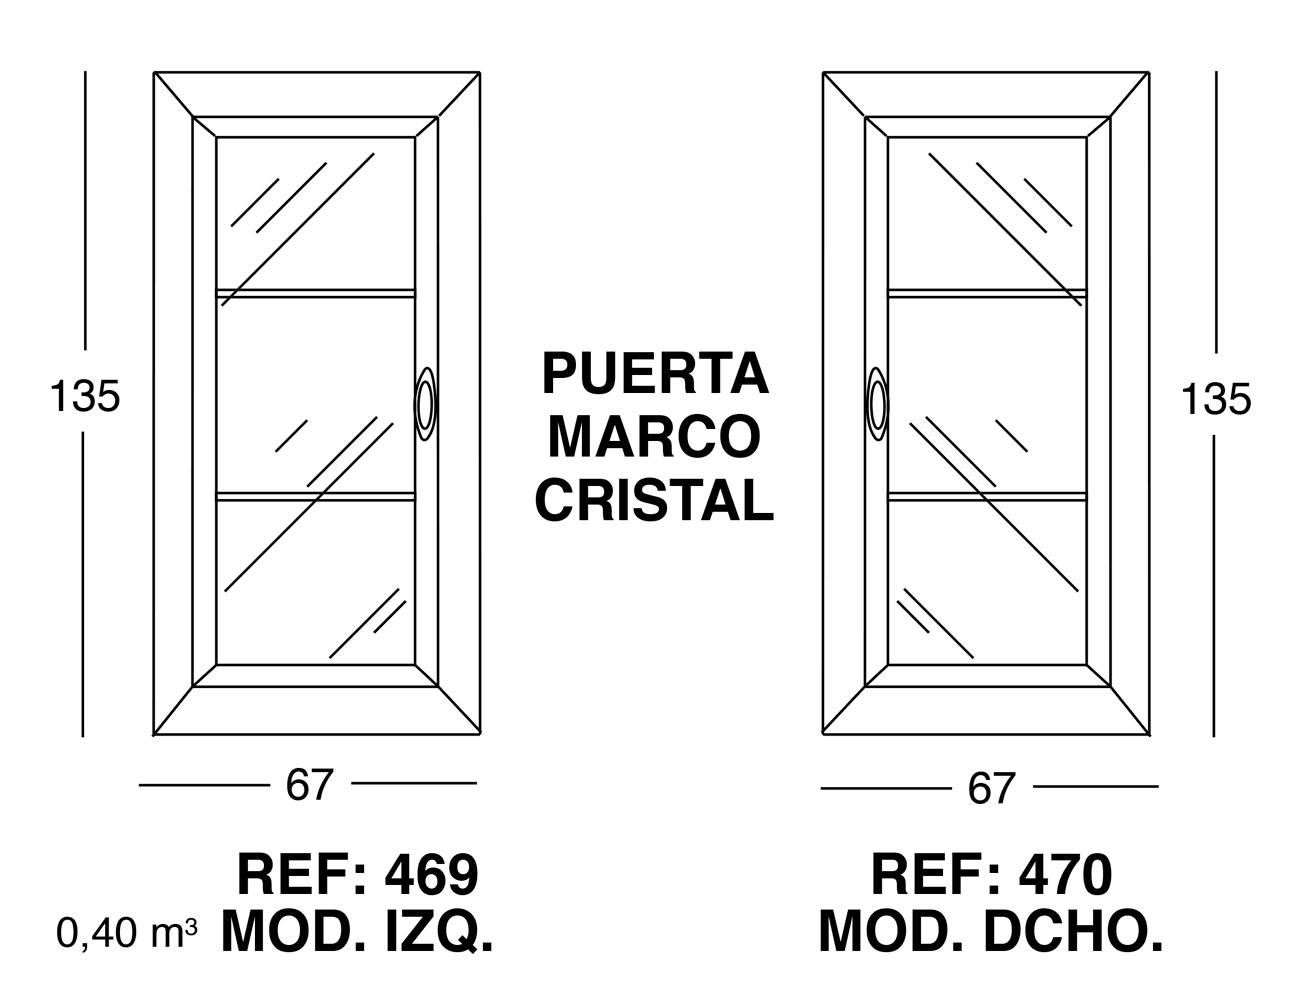 Puerta marco cristal1